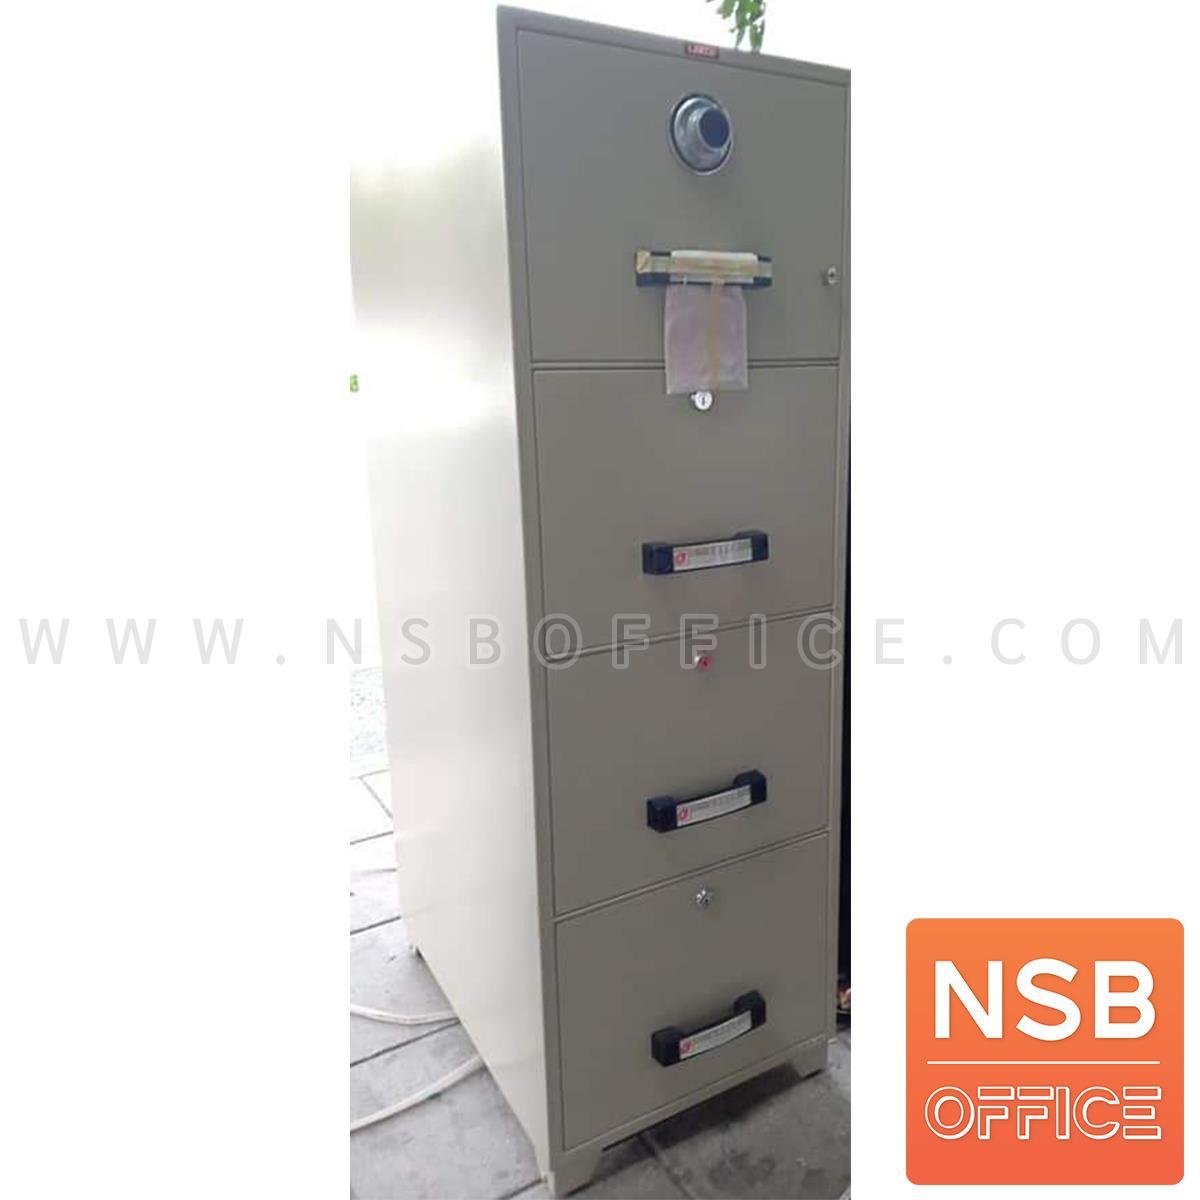 ตู้เซฟ 4 ลิ้นชักแฟ้มแขวน 330 กก. ลีโก้ รุ่น LEECO-TB4C-4D มี 4 กุญแจ 1 รหัส (เปลี่ยนรหัสไม่ได้)